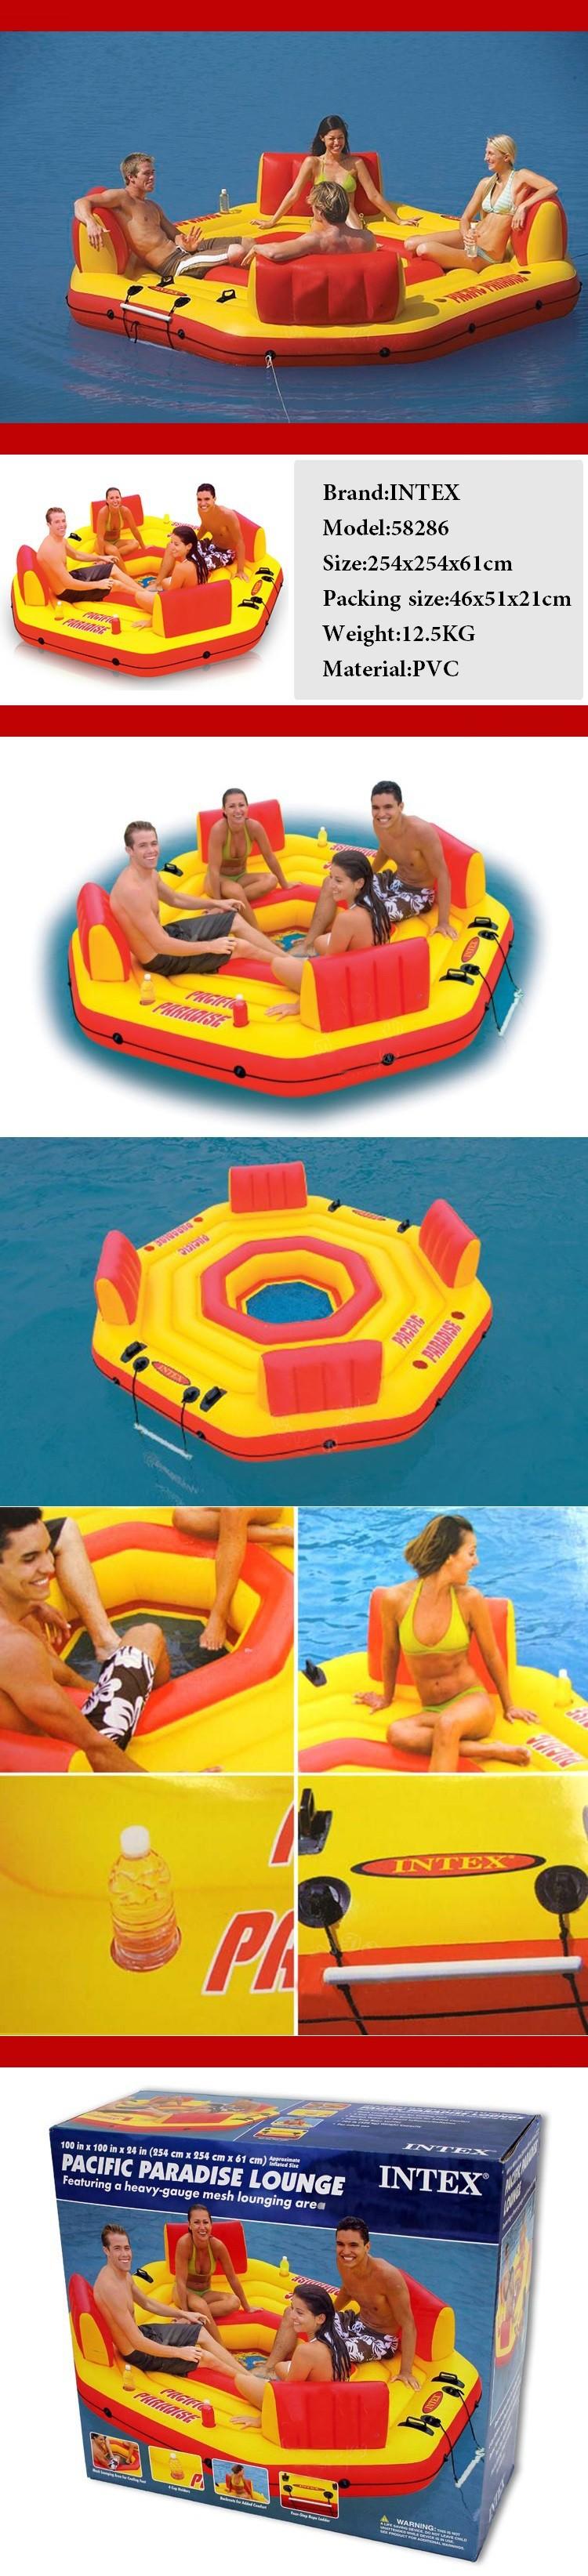 Intex inflable deportes acuaacuteticos flotador de la for Accesorios para piscinas inflables